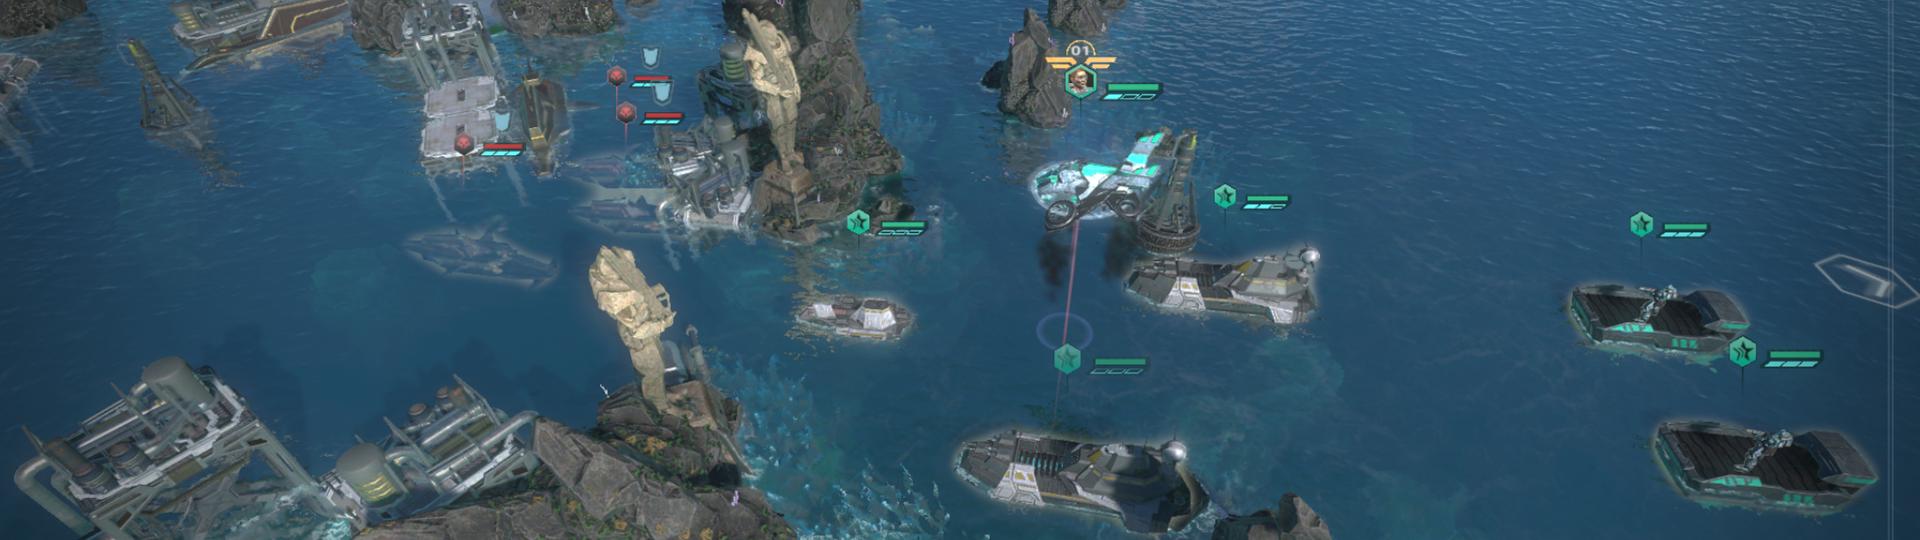 Aquatic_Maps_01_A.png